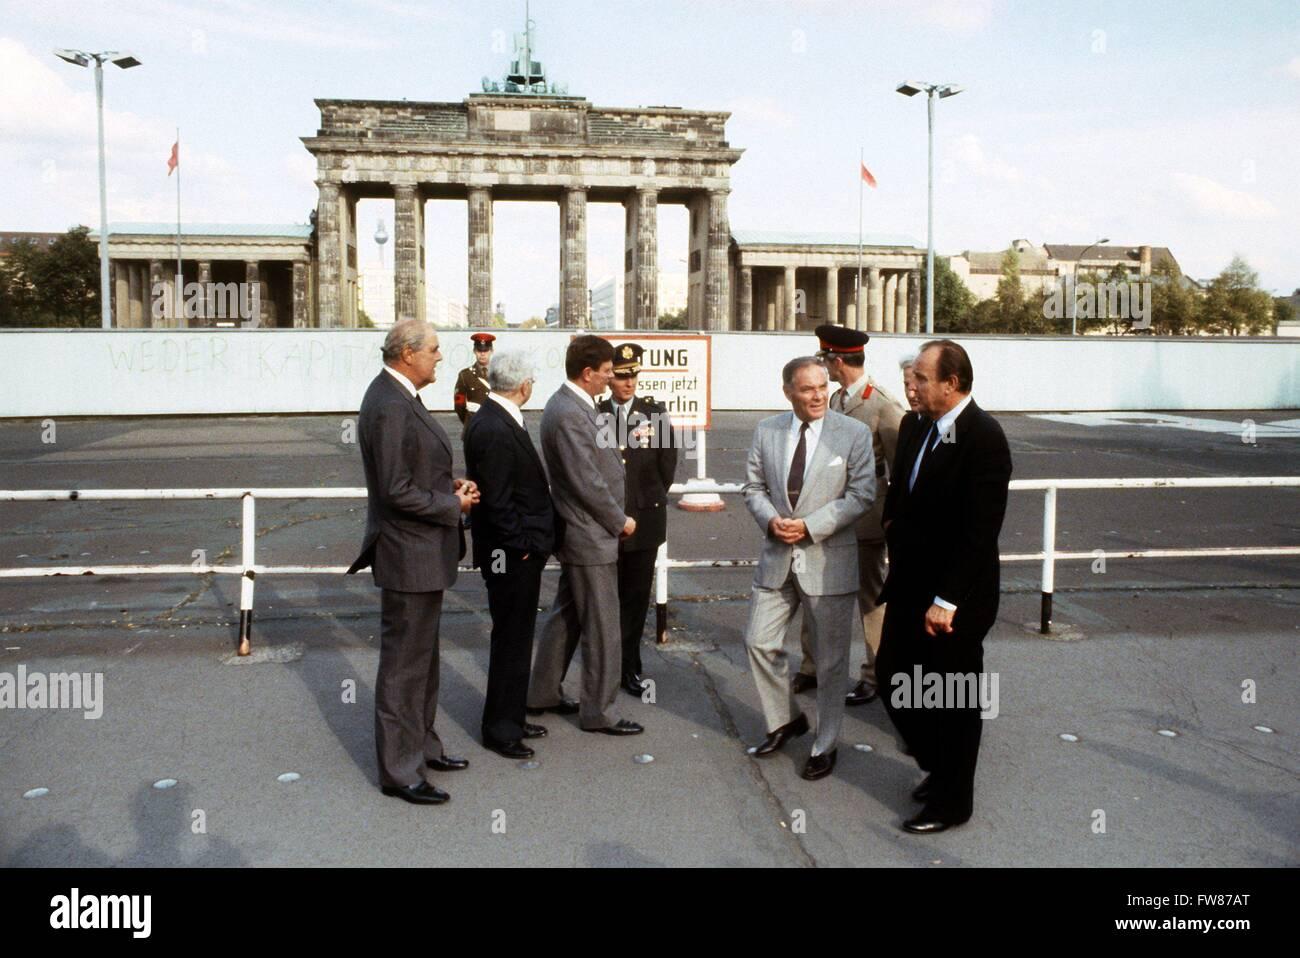 Noi generale e uomo politico Haig (2a di destra) e il ministro degli esteri tedesco Hans-Dietrich GENSCHER (r) Visitare la Porta di Brandeburgo il 13 settembre 1981. Foto Stock